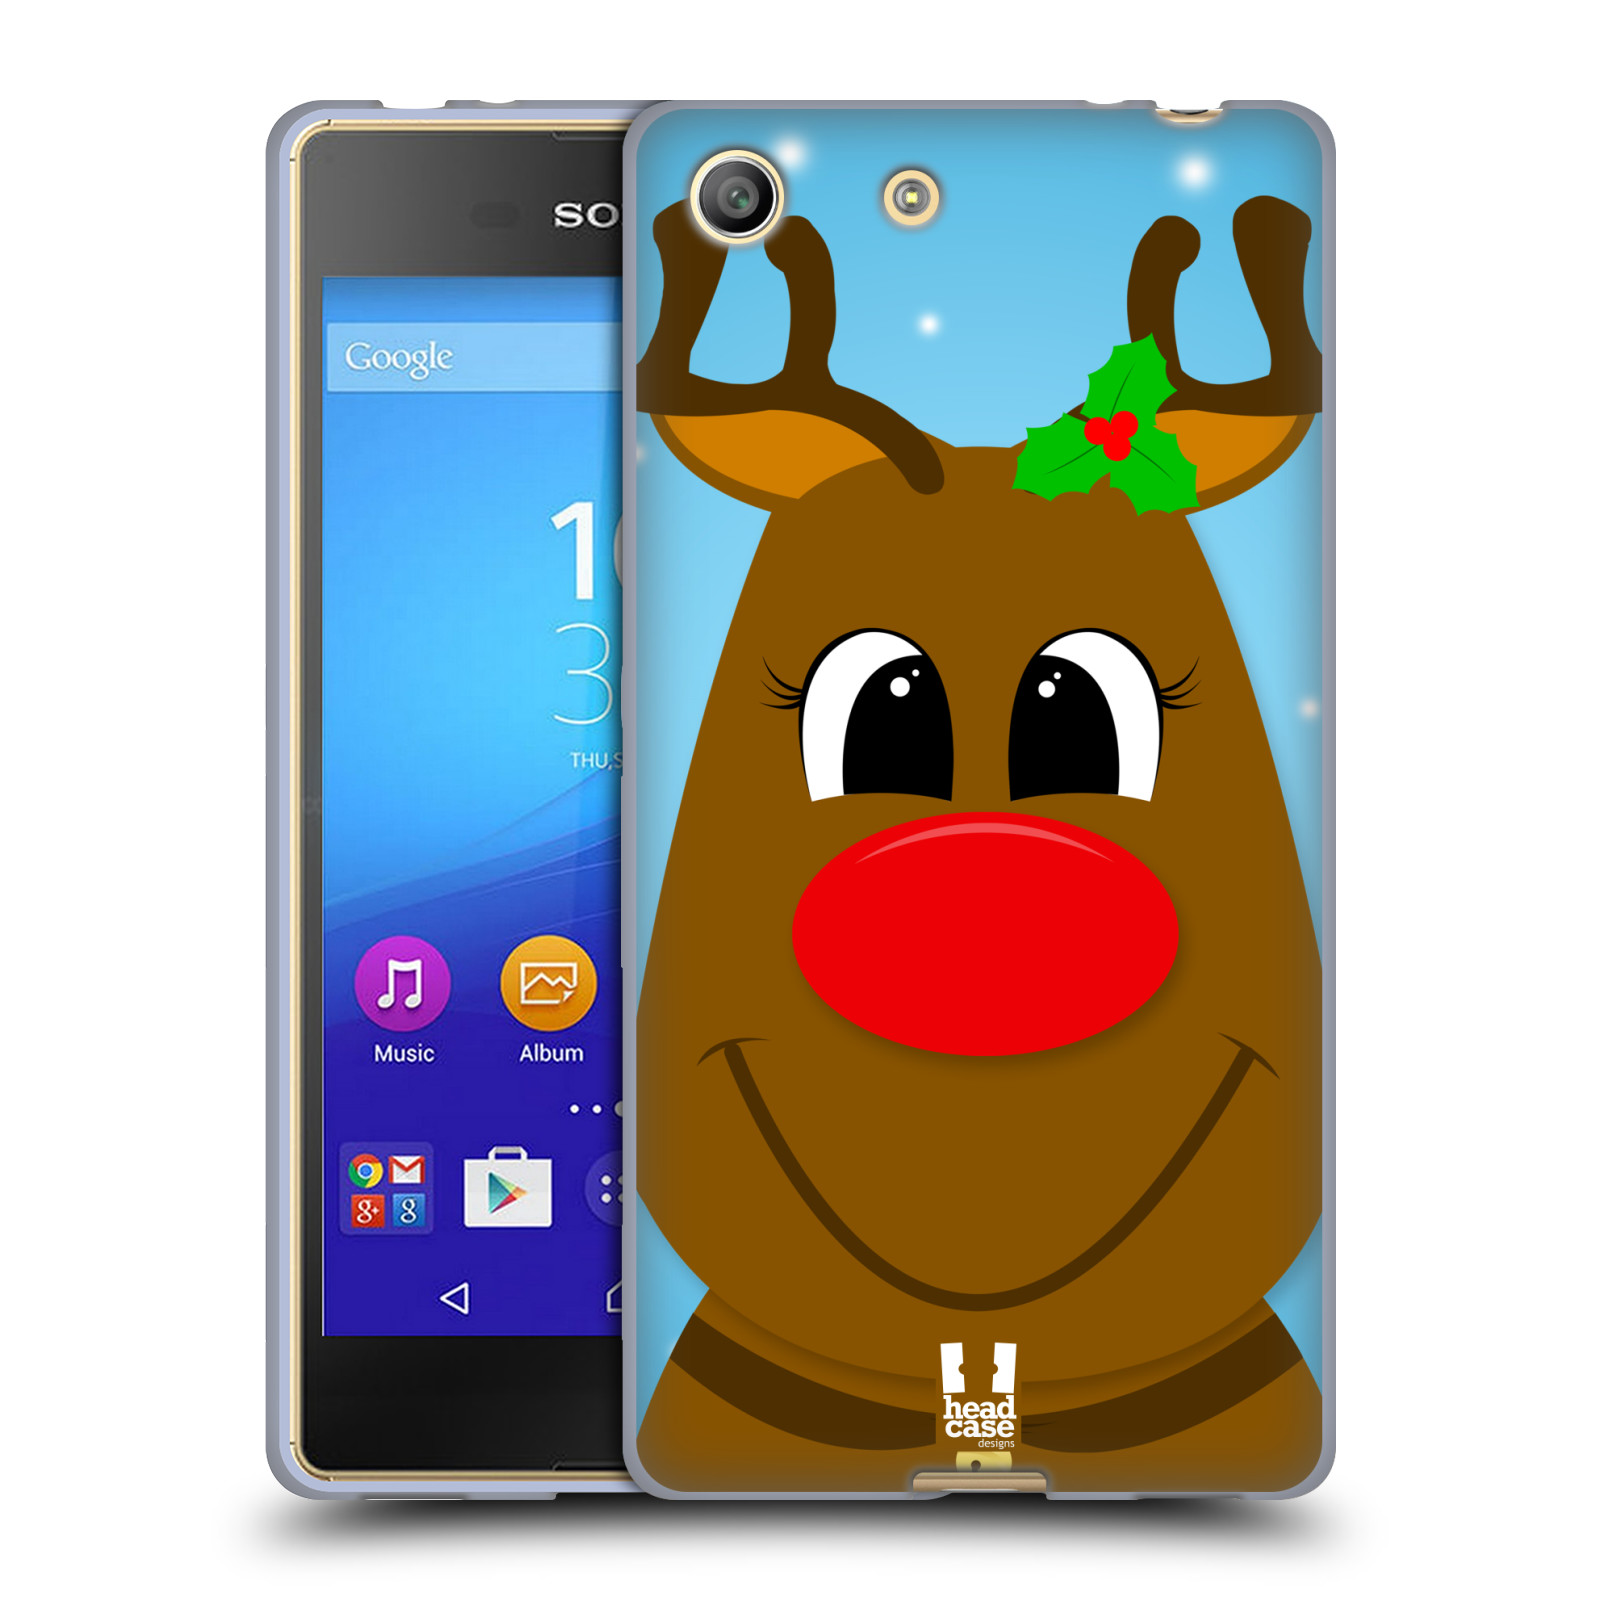 Silikonové pouzdro na mobil Sony Xperia M5 HEAD CASE VÁNOCE RUDOLF SOB (Silikonový kryt či obal na mobilní telefon Sony Xperia M5 Dual SIM / Aqua)